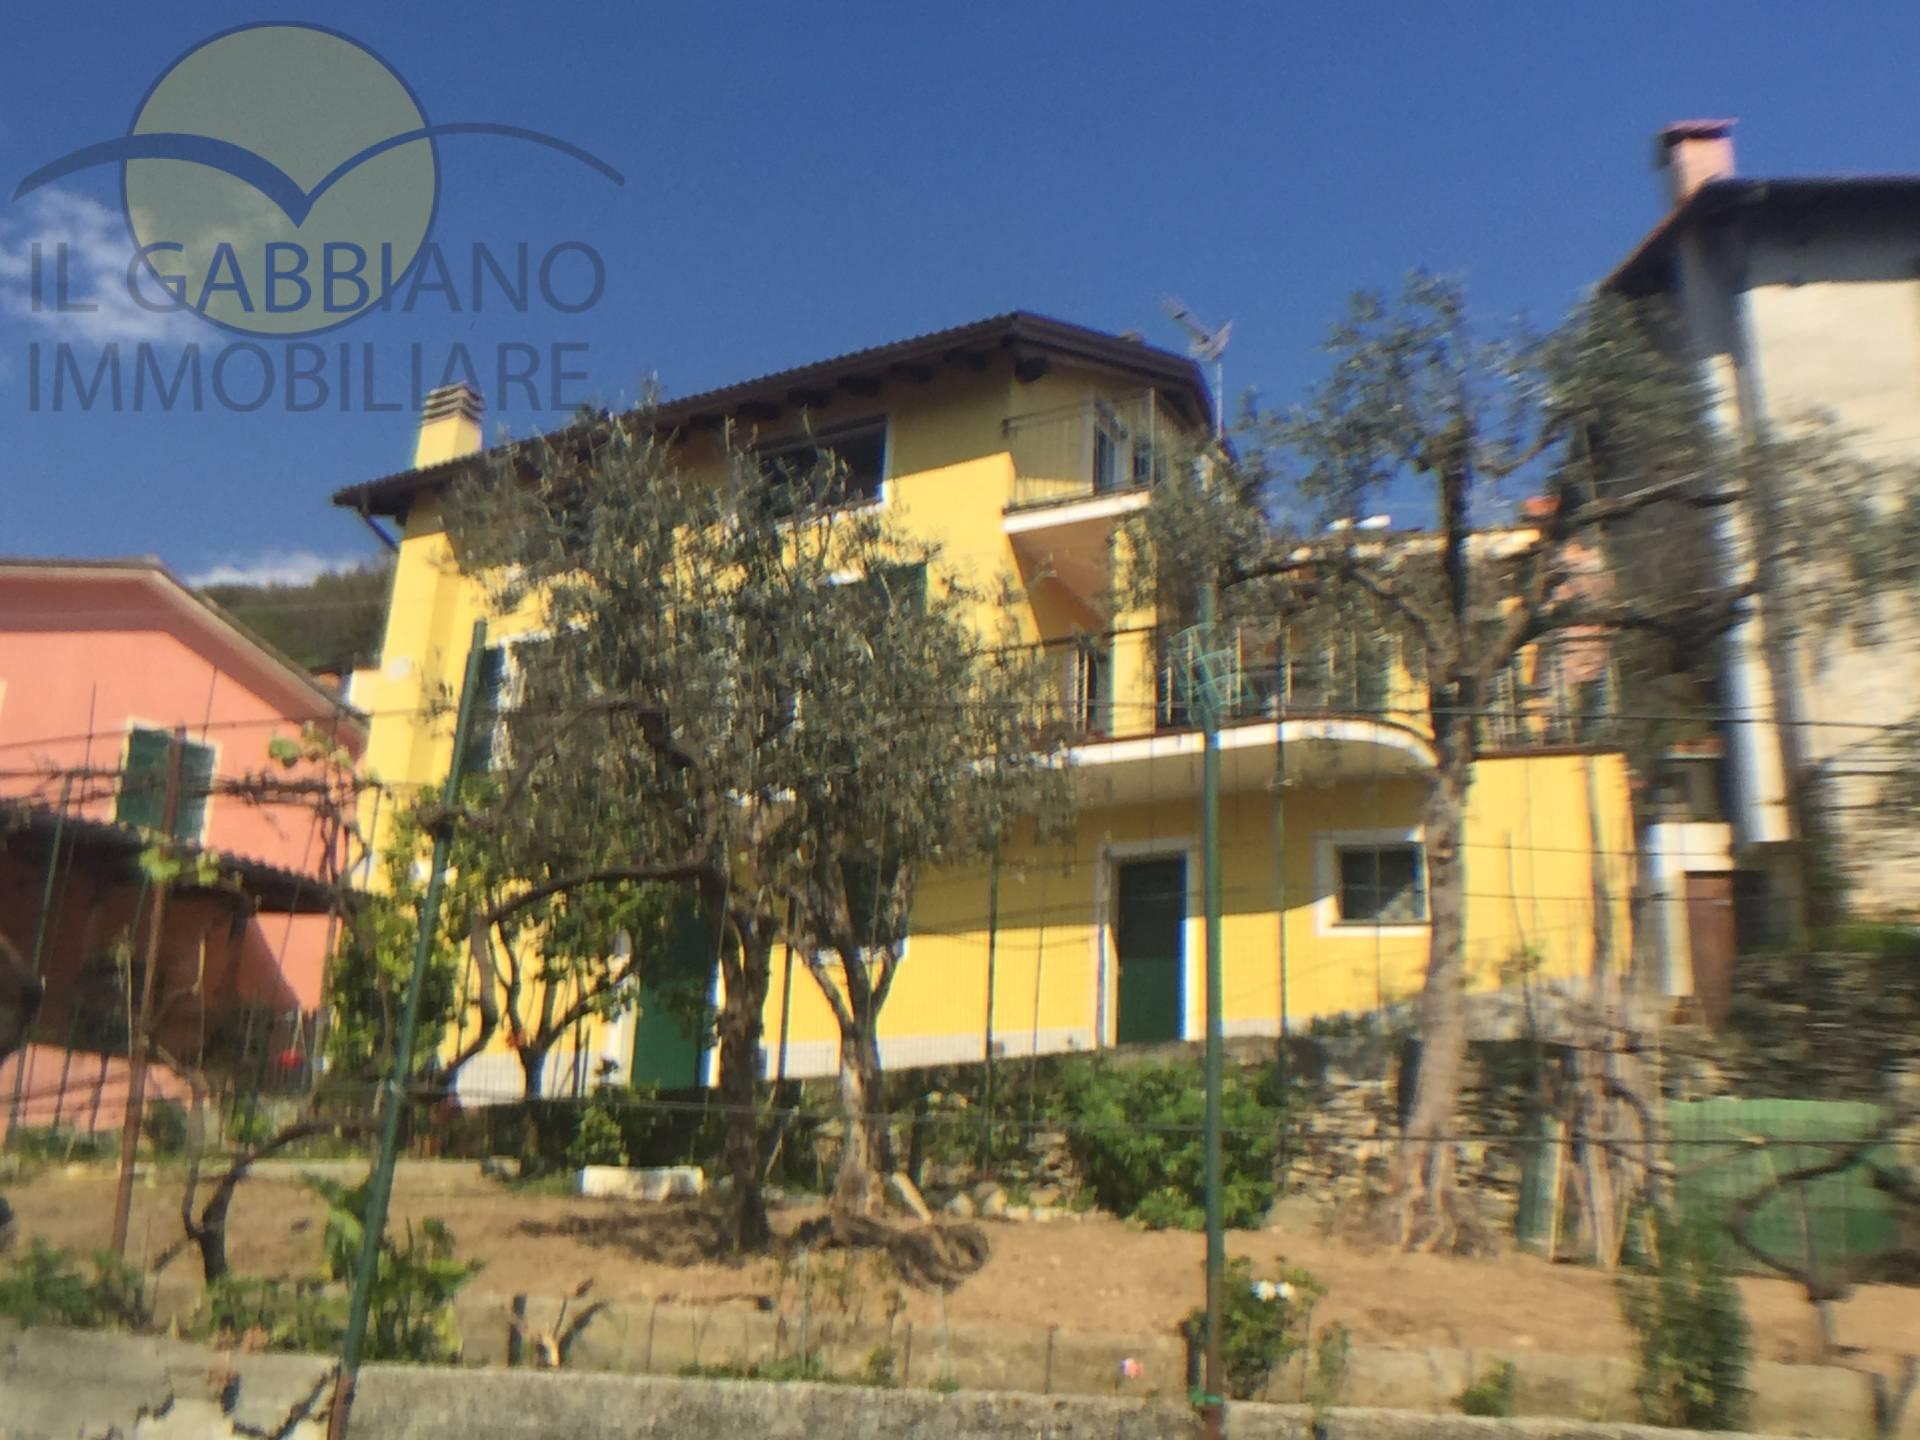 Soluzione Indipendente in vendita a Avegno, 8 locali, zona Zona: Testana, prezzo € 420.000 | Cambio Casa.it